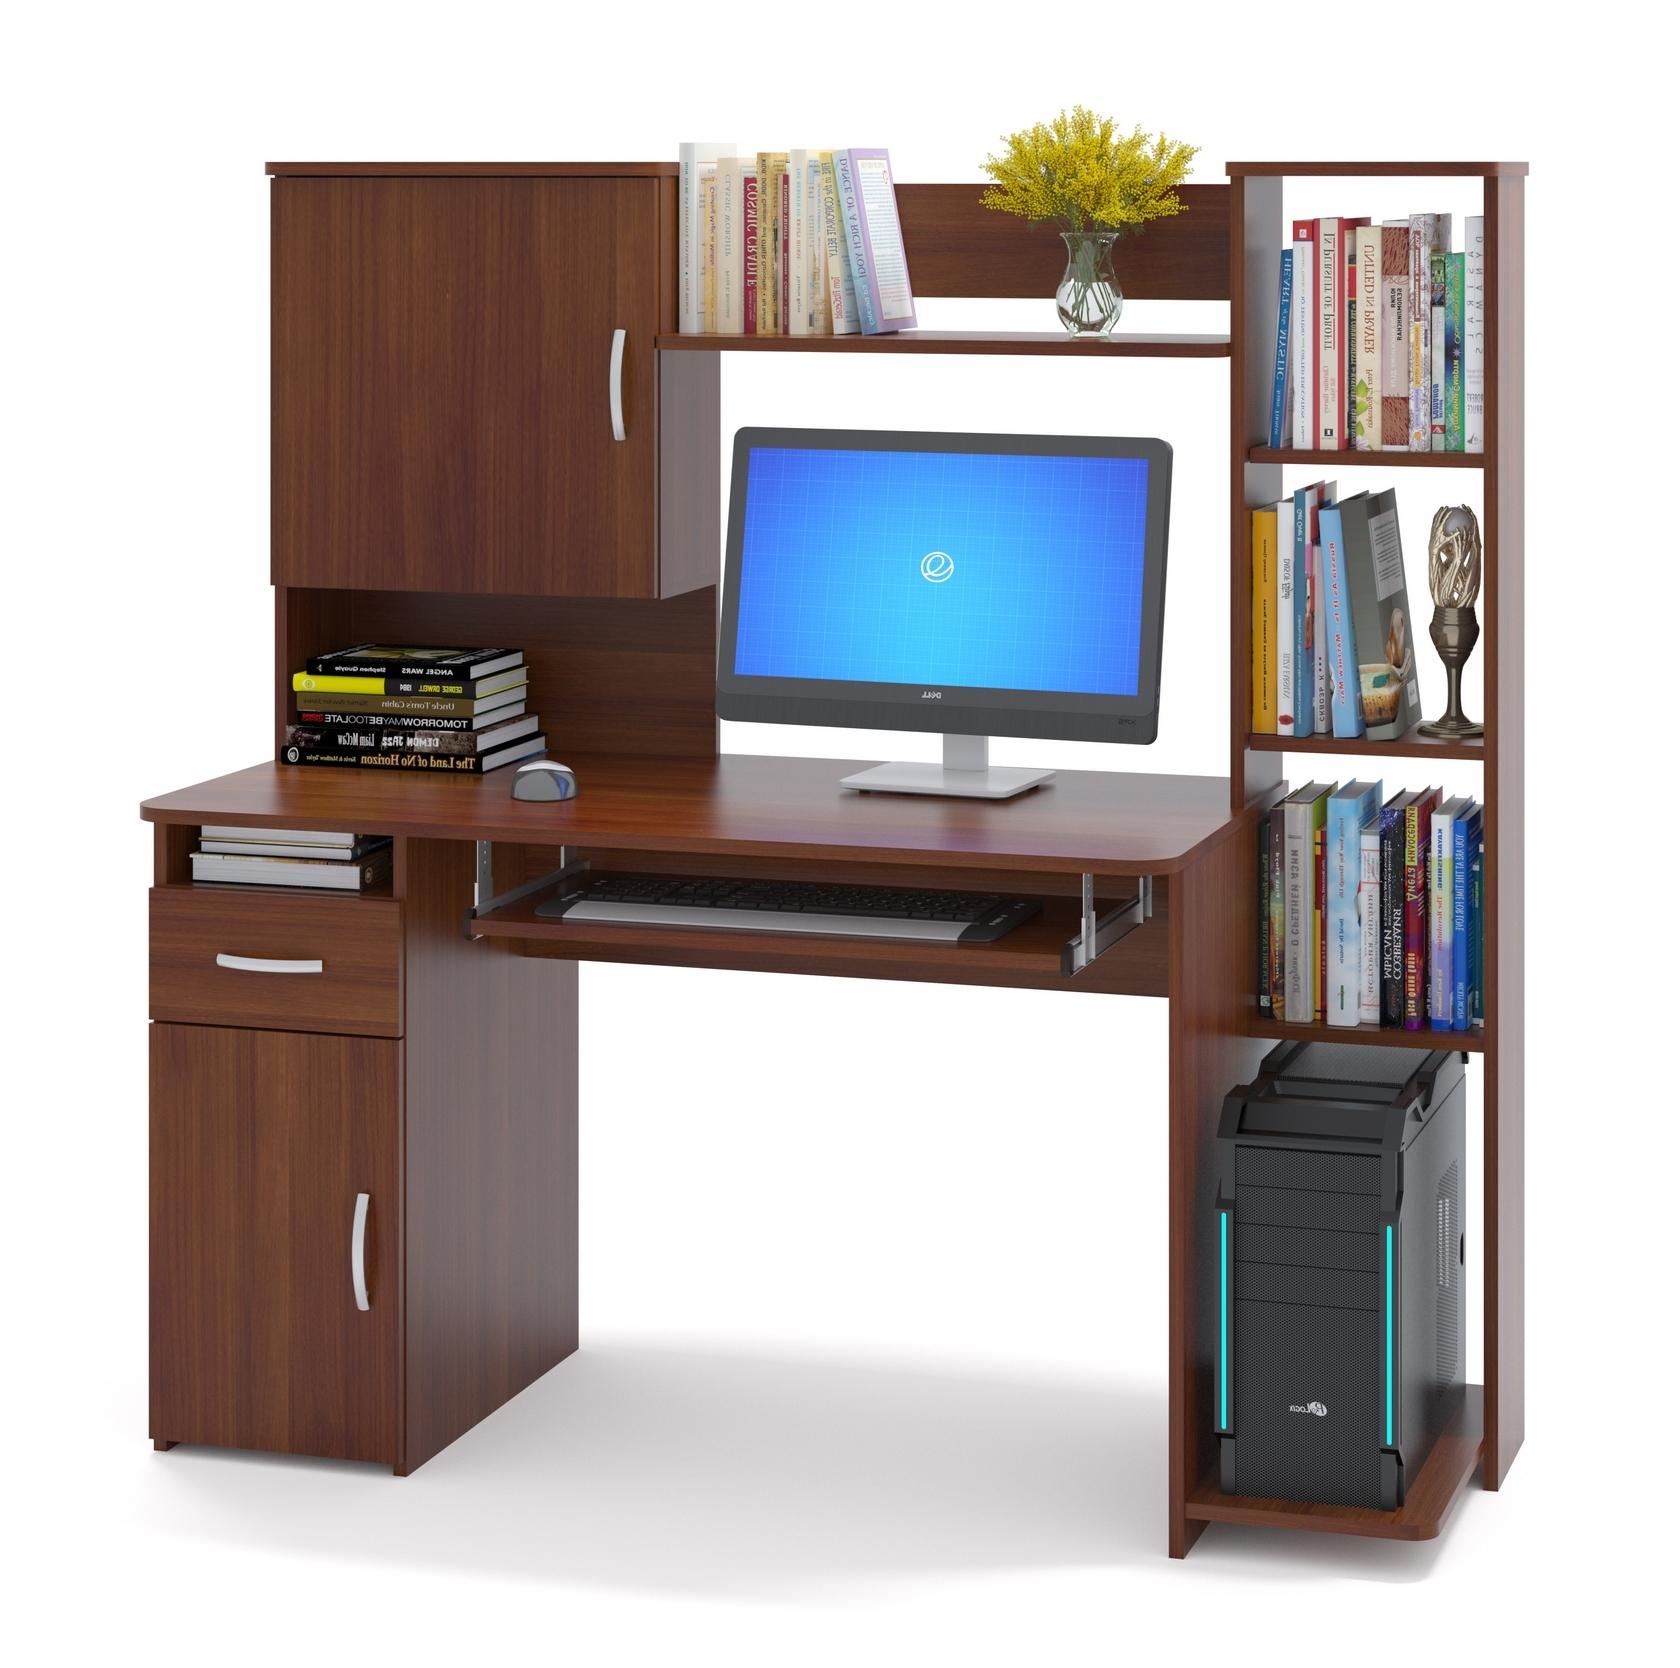 Компьютерный стол Сокол КСТ-11.1 Испанский орех от Купистол